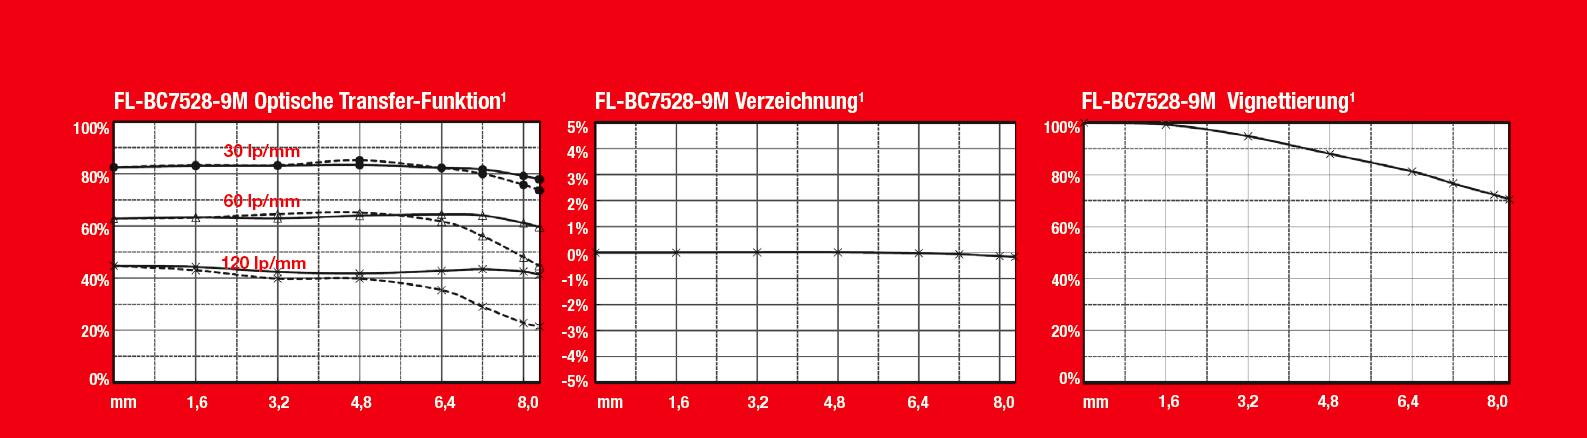 FL-BC1220-9M_FL-BC1618-9M_MTF